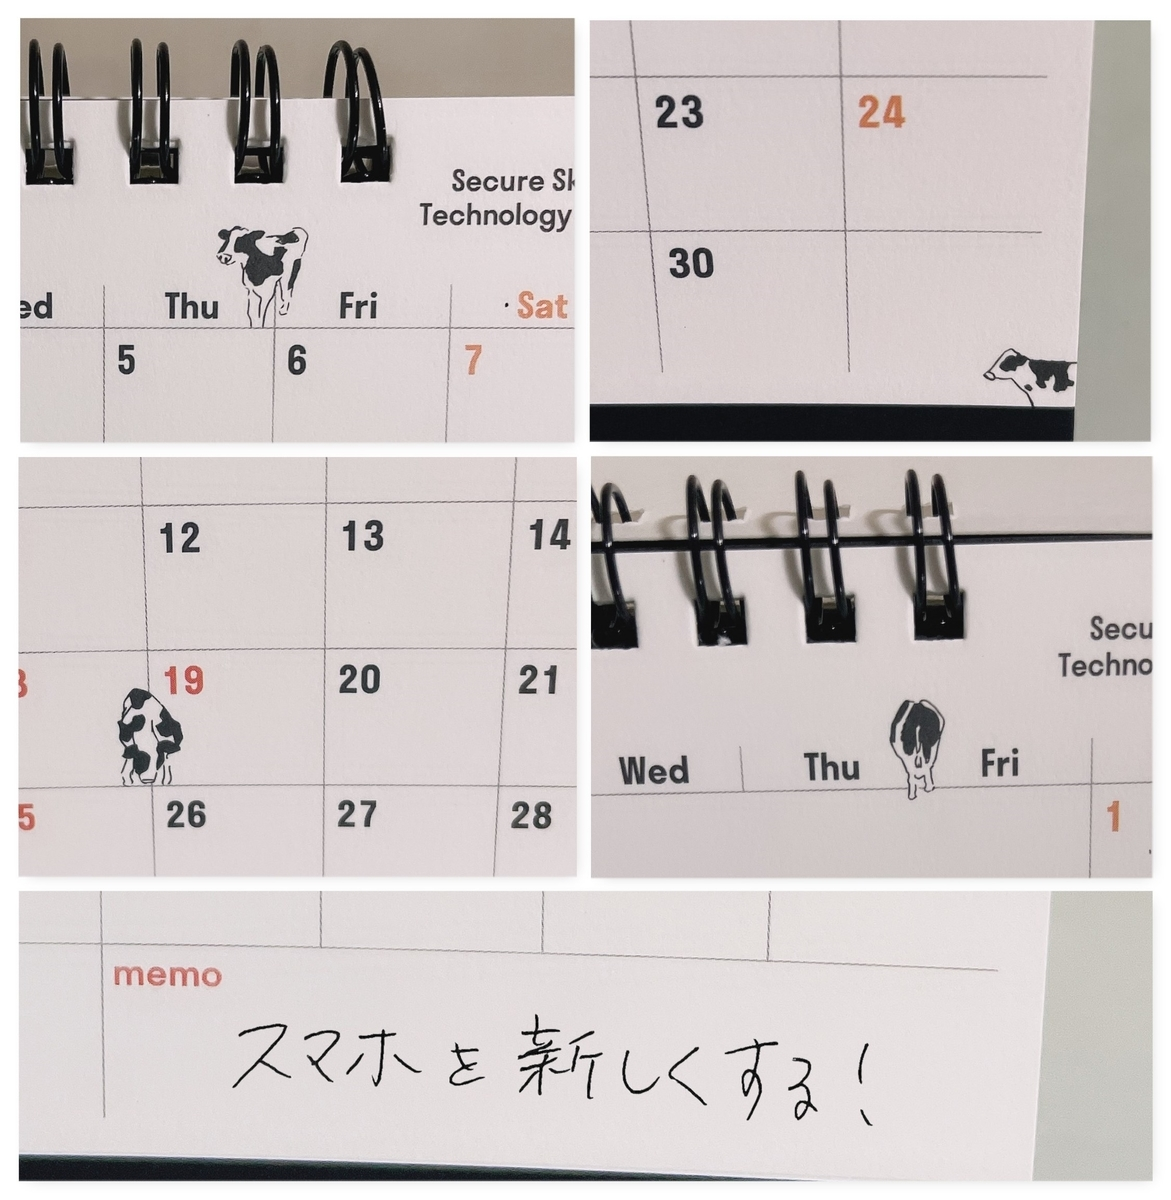 f:id:fujia_sst:20201224192552j:plain